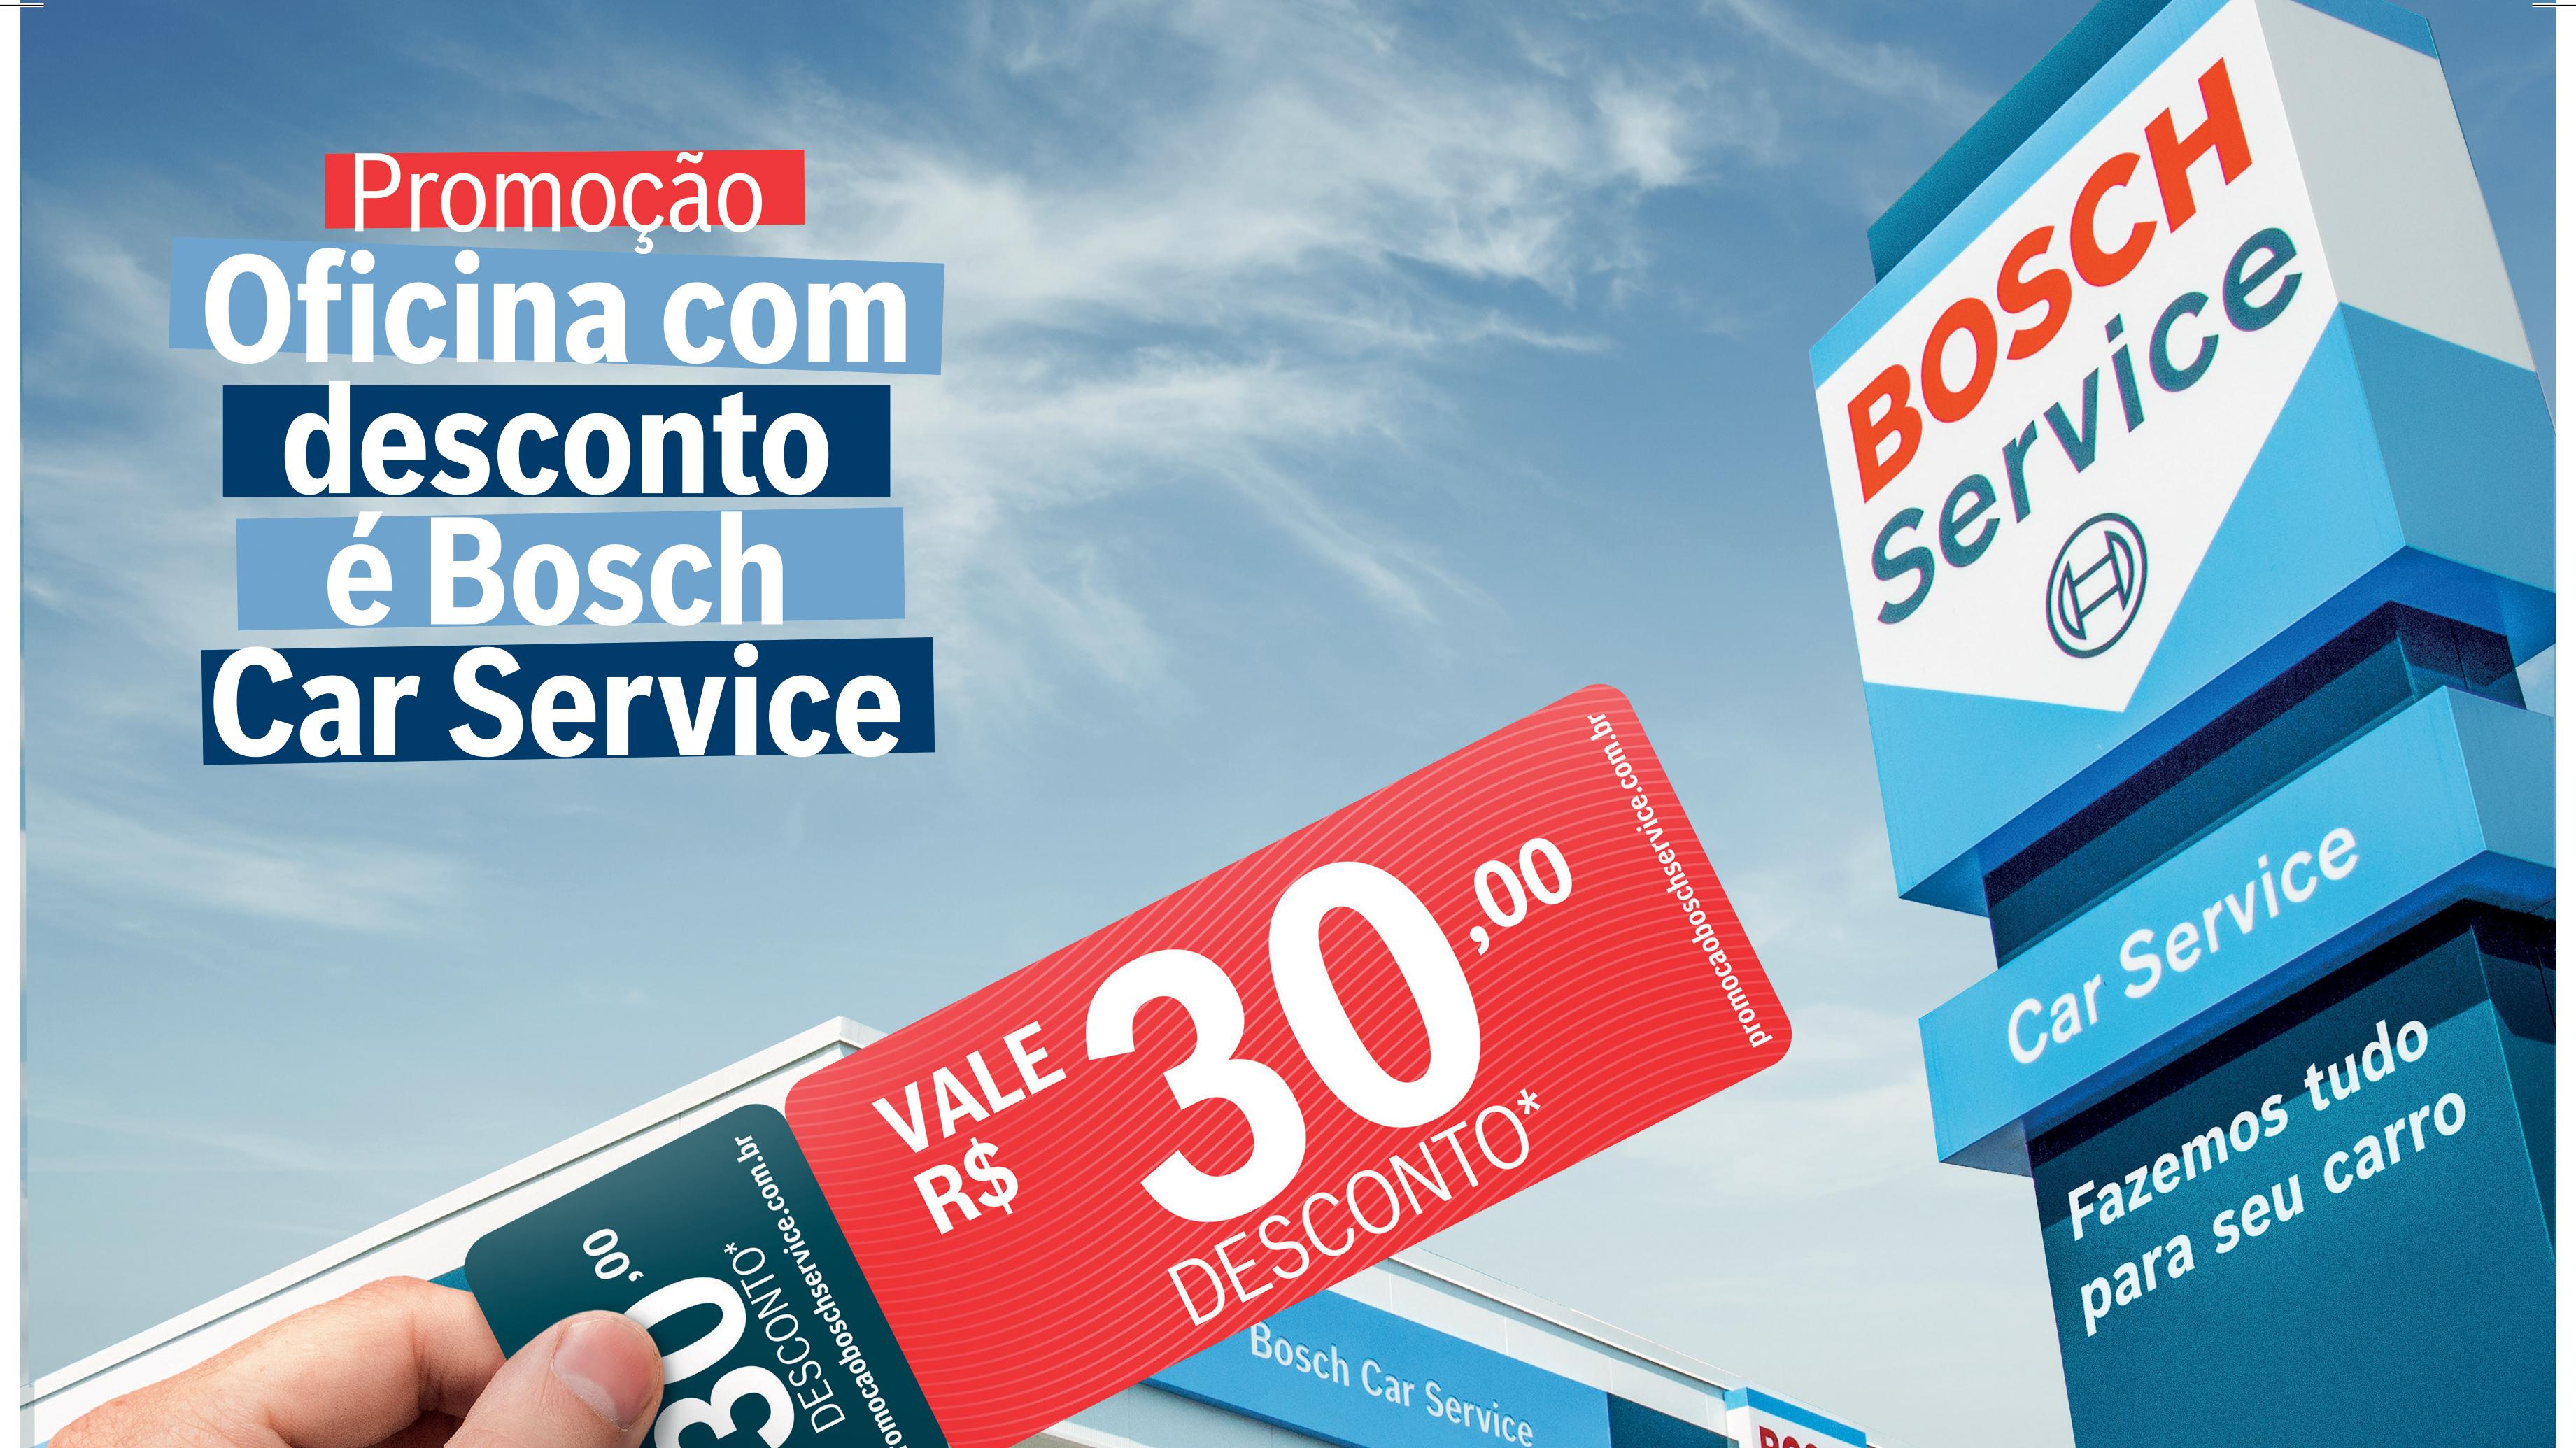 Rede Bosch Service lança promoção para incentivar a manutenção preventiva